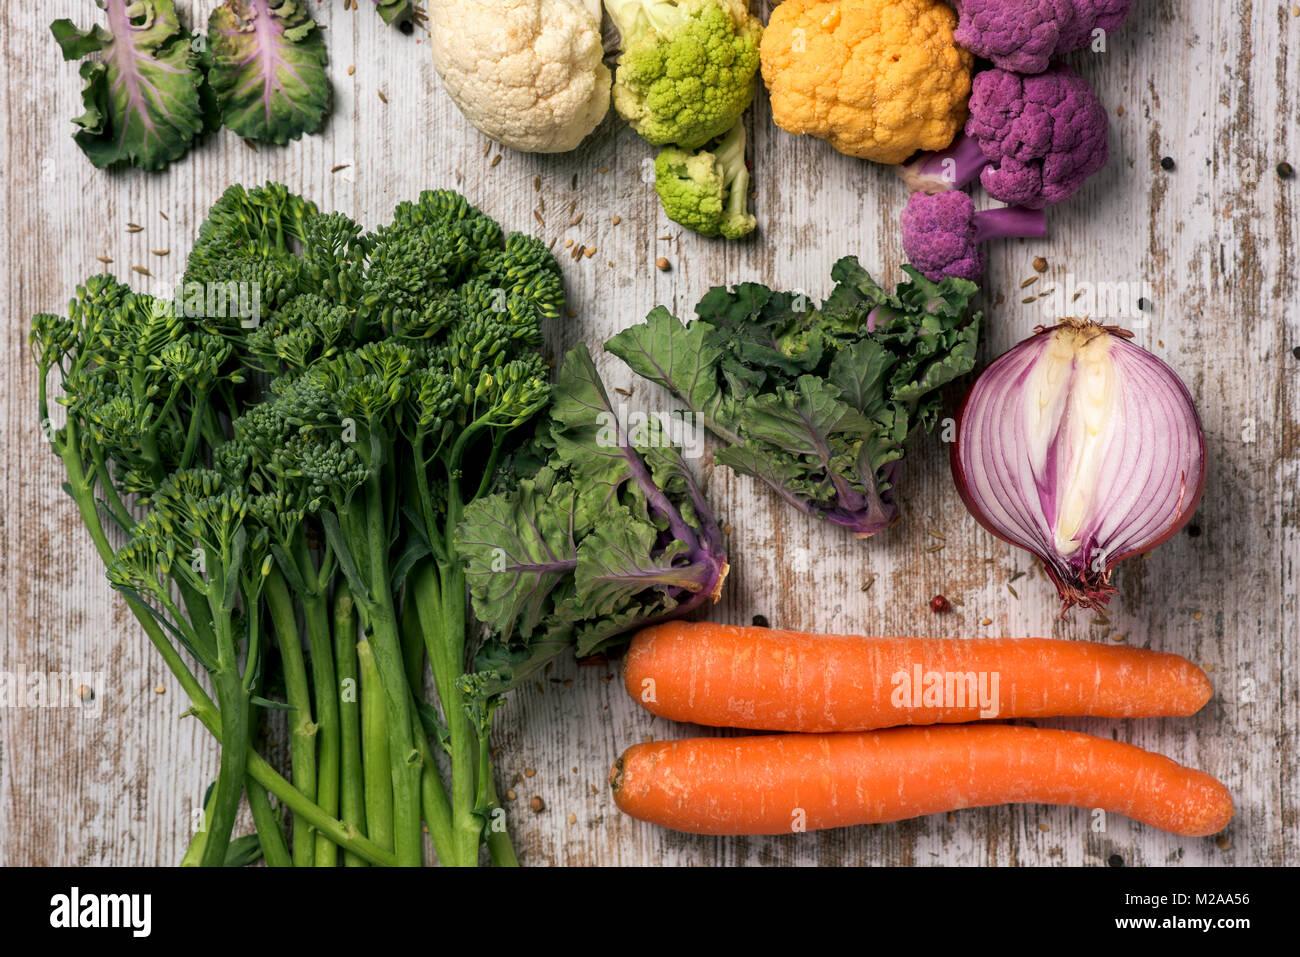 Un alto ángulo de disparo de diferentes verduras crudas, tales como la coliflor de distintos colores, broccolini, Imagen De Stock